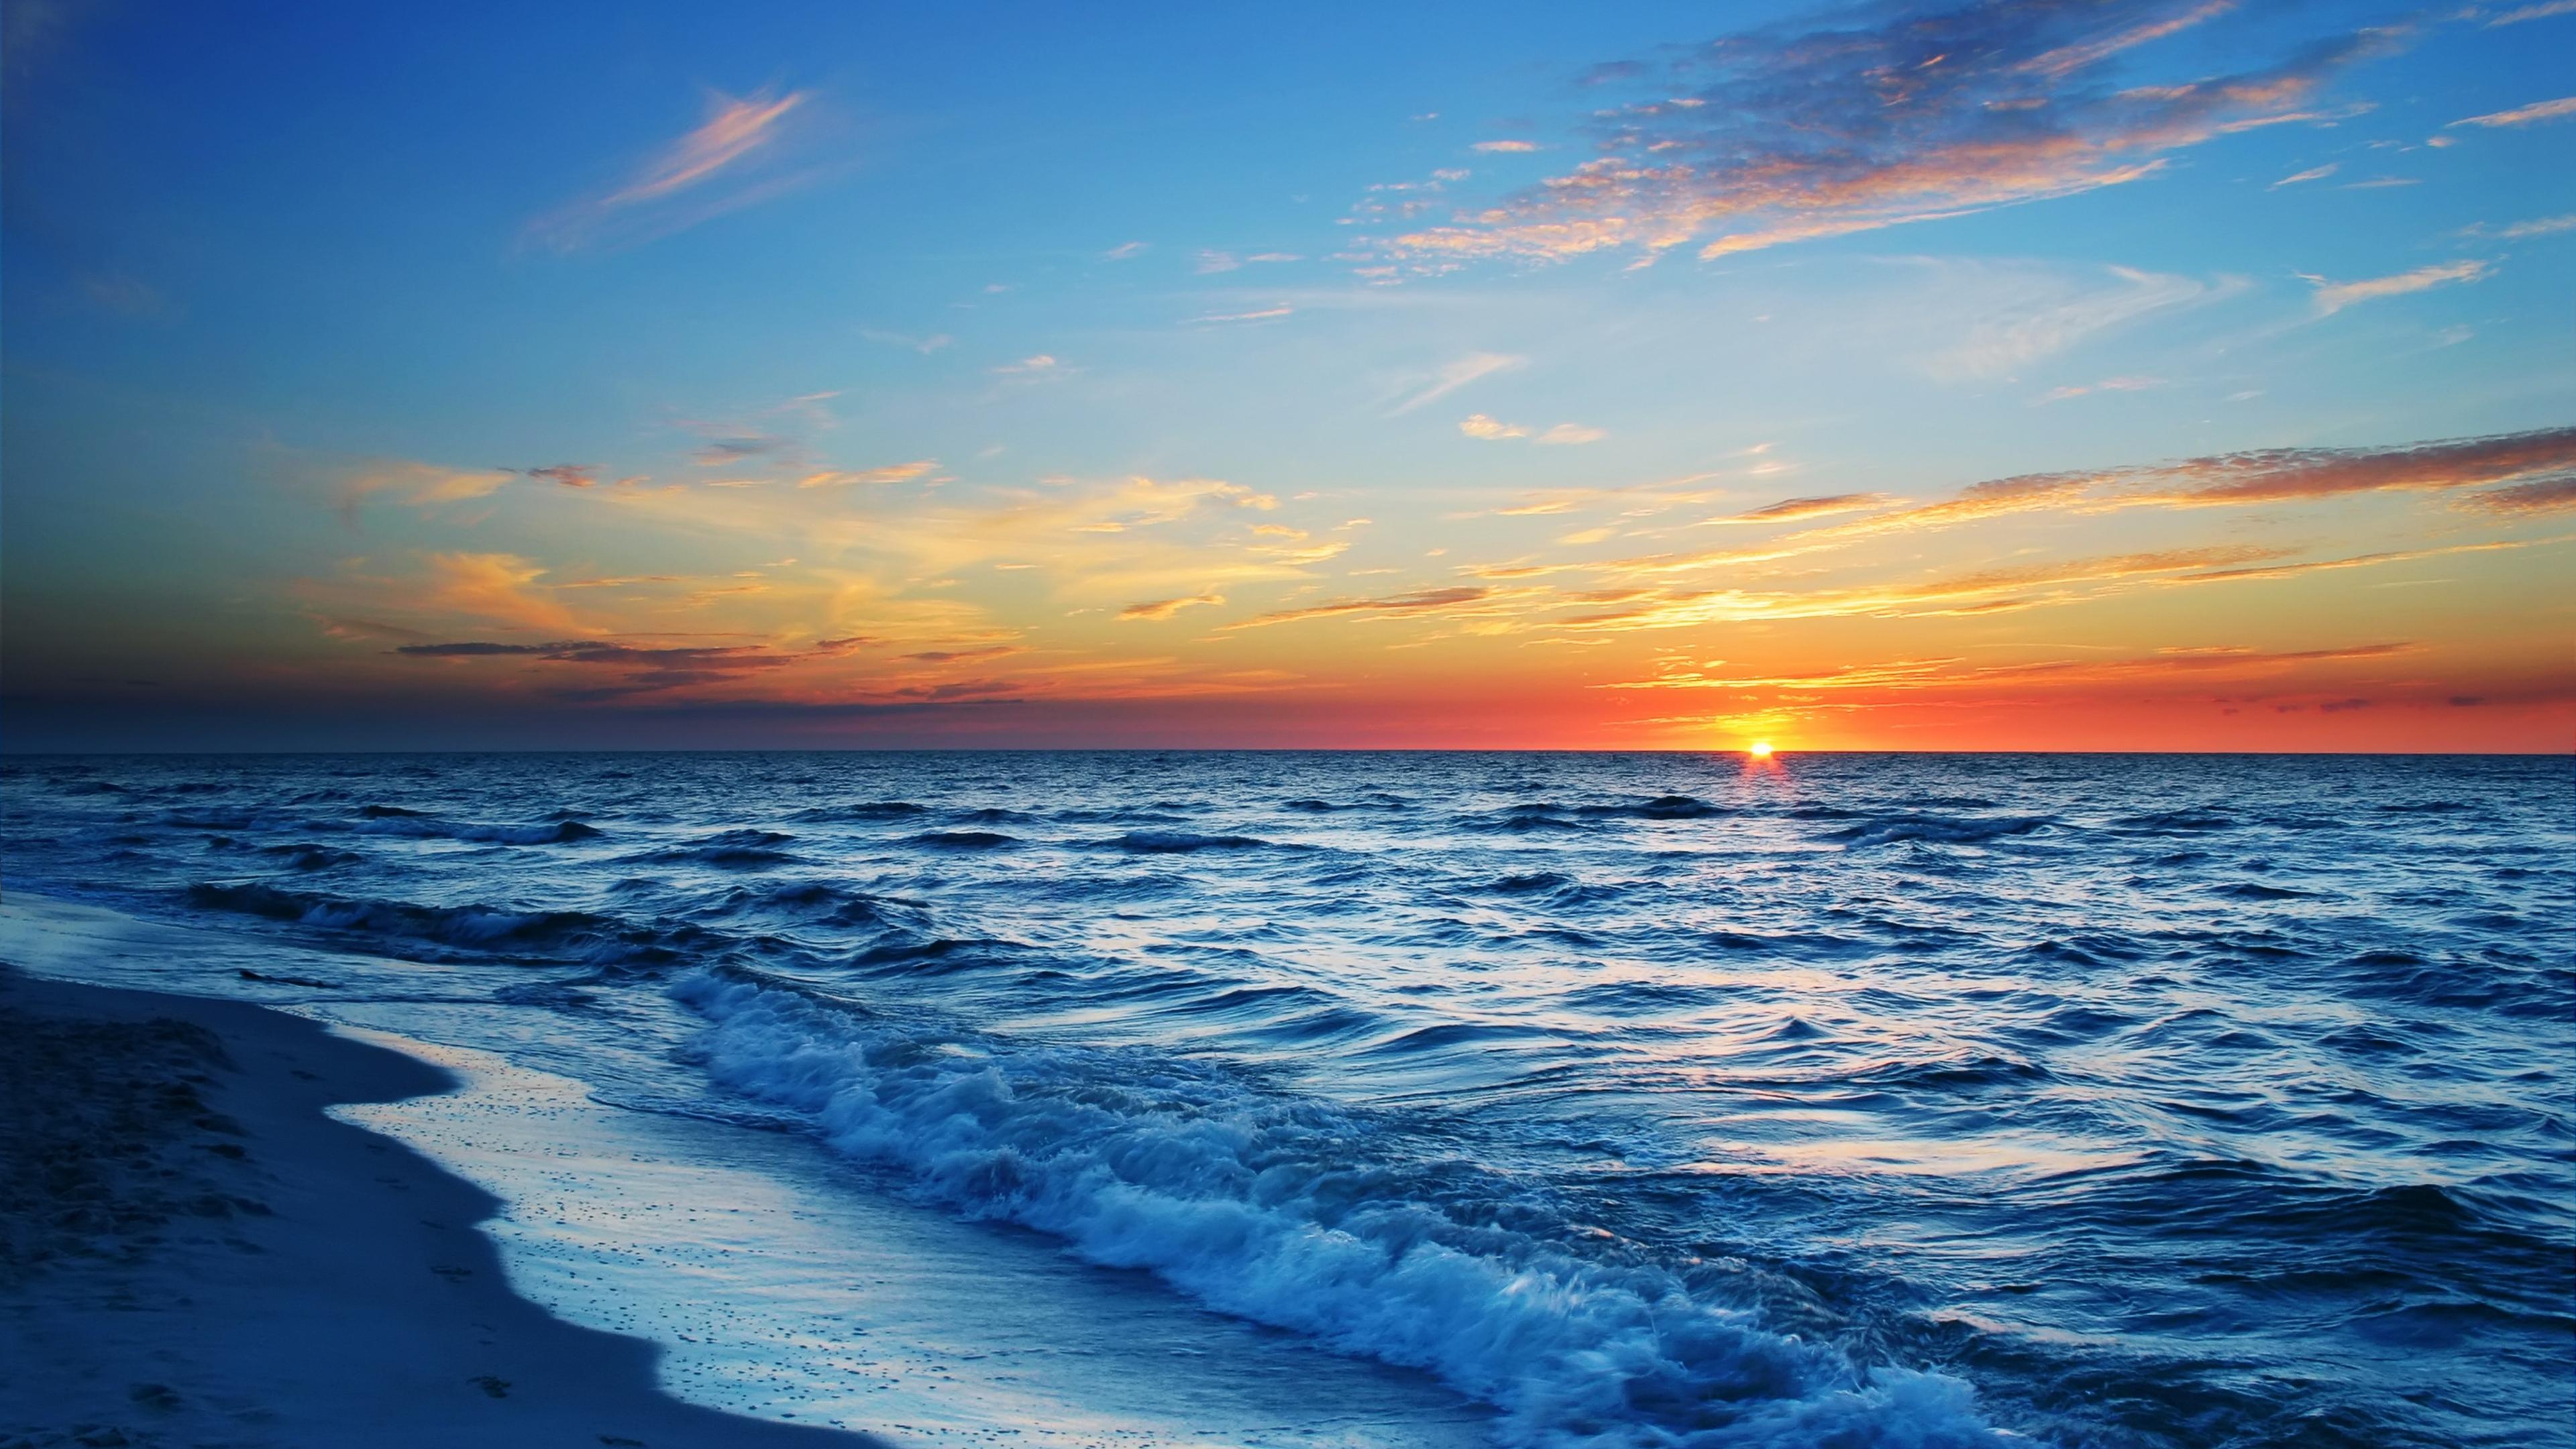 Wallpaper 38402160 Sea Beach Evening Sun Sunset 4k Ultra Hd Hd